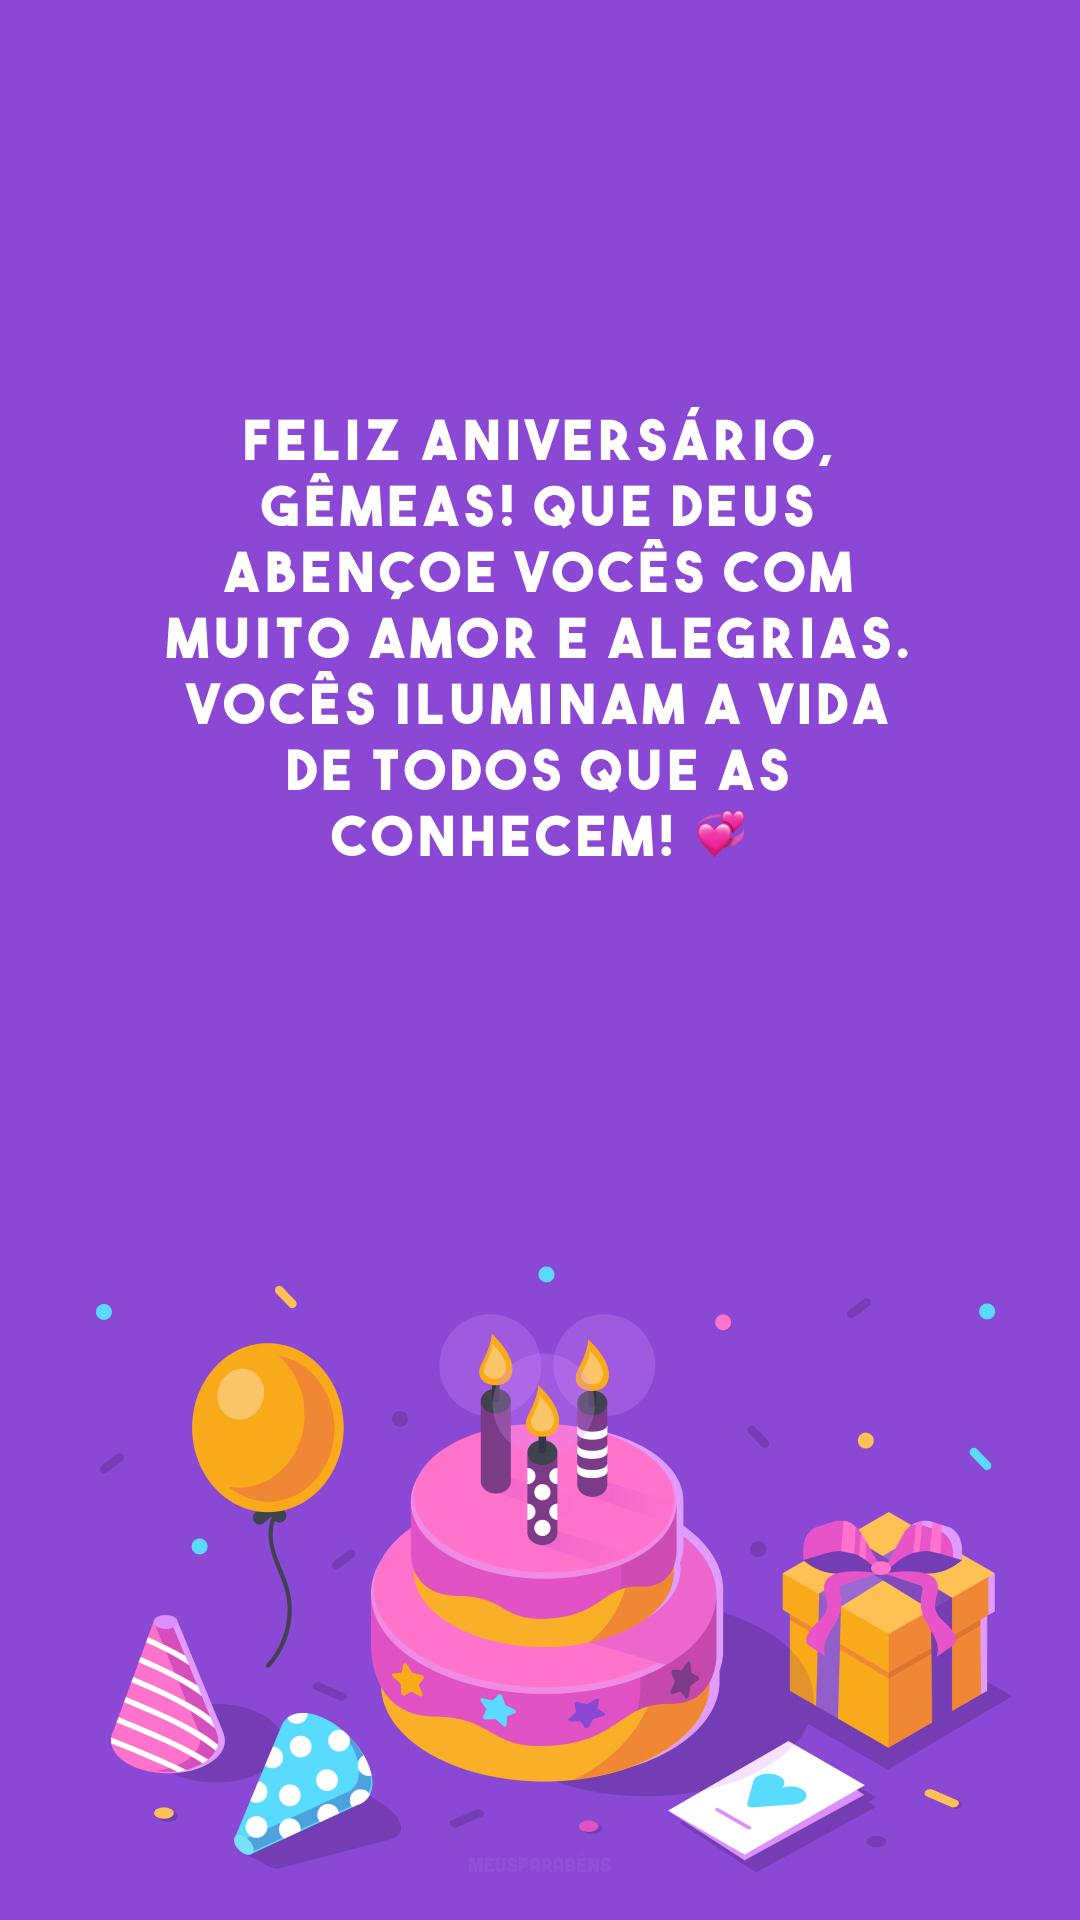 Feliz aniversário, gêmeas! Que Deus abençoe vocês com muito amor e alegrias. Vocês iluminam a vida de todos que as conhecem! 💞